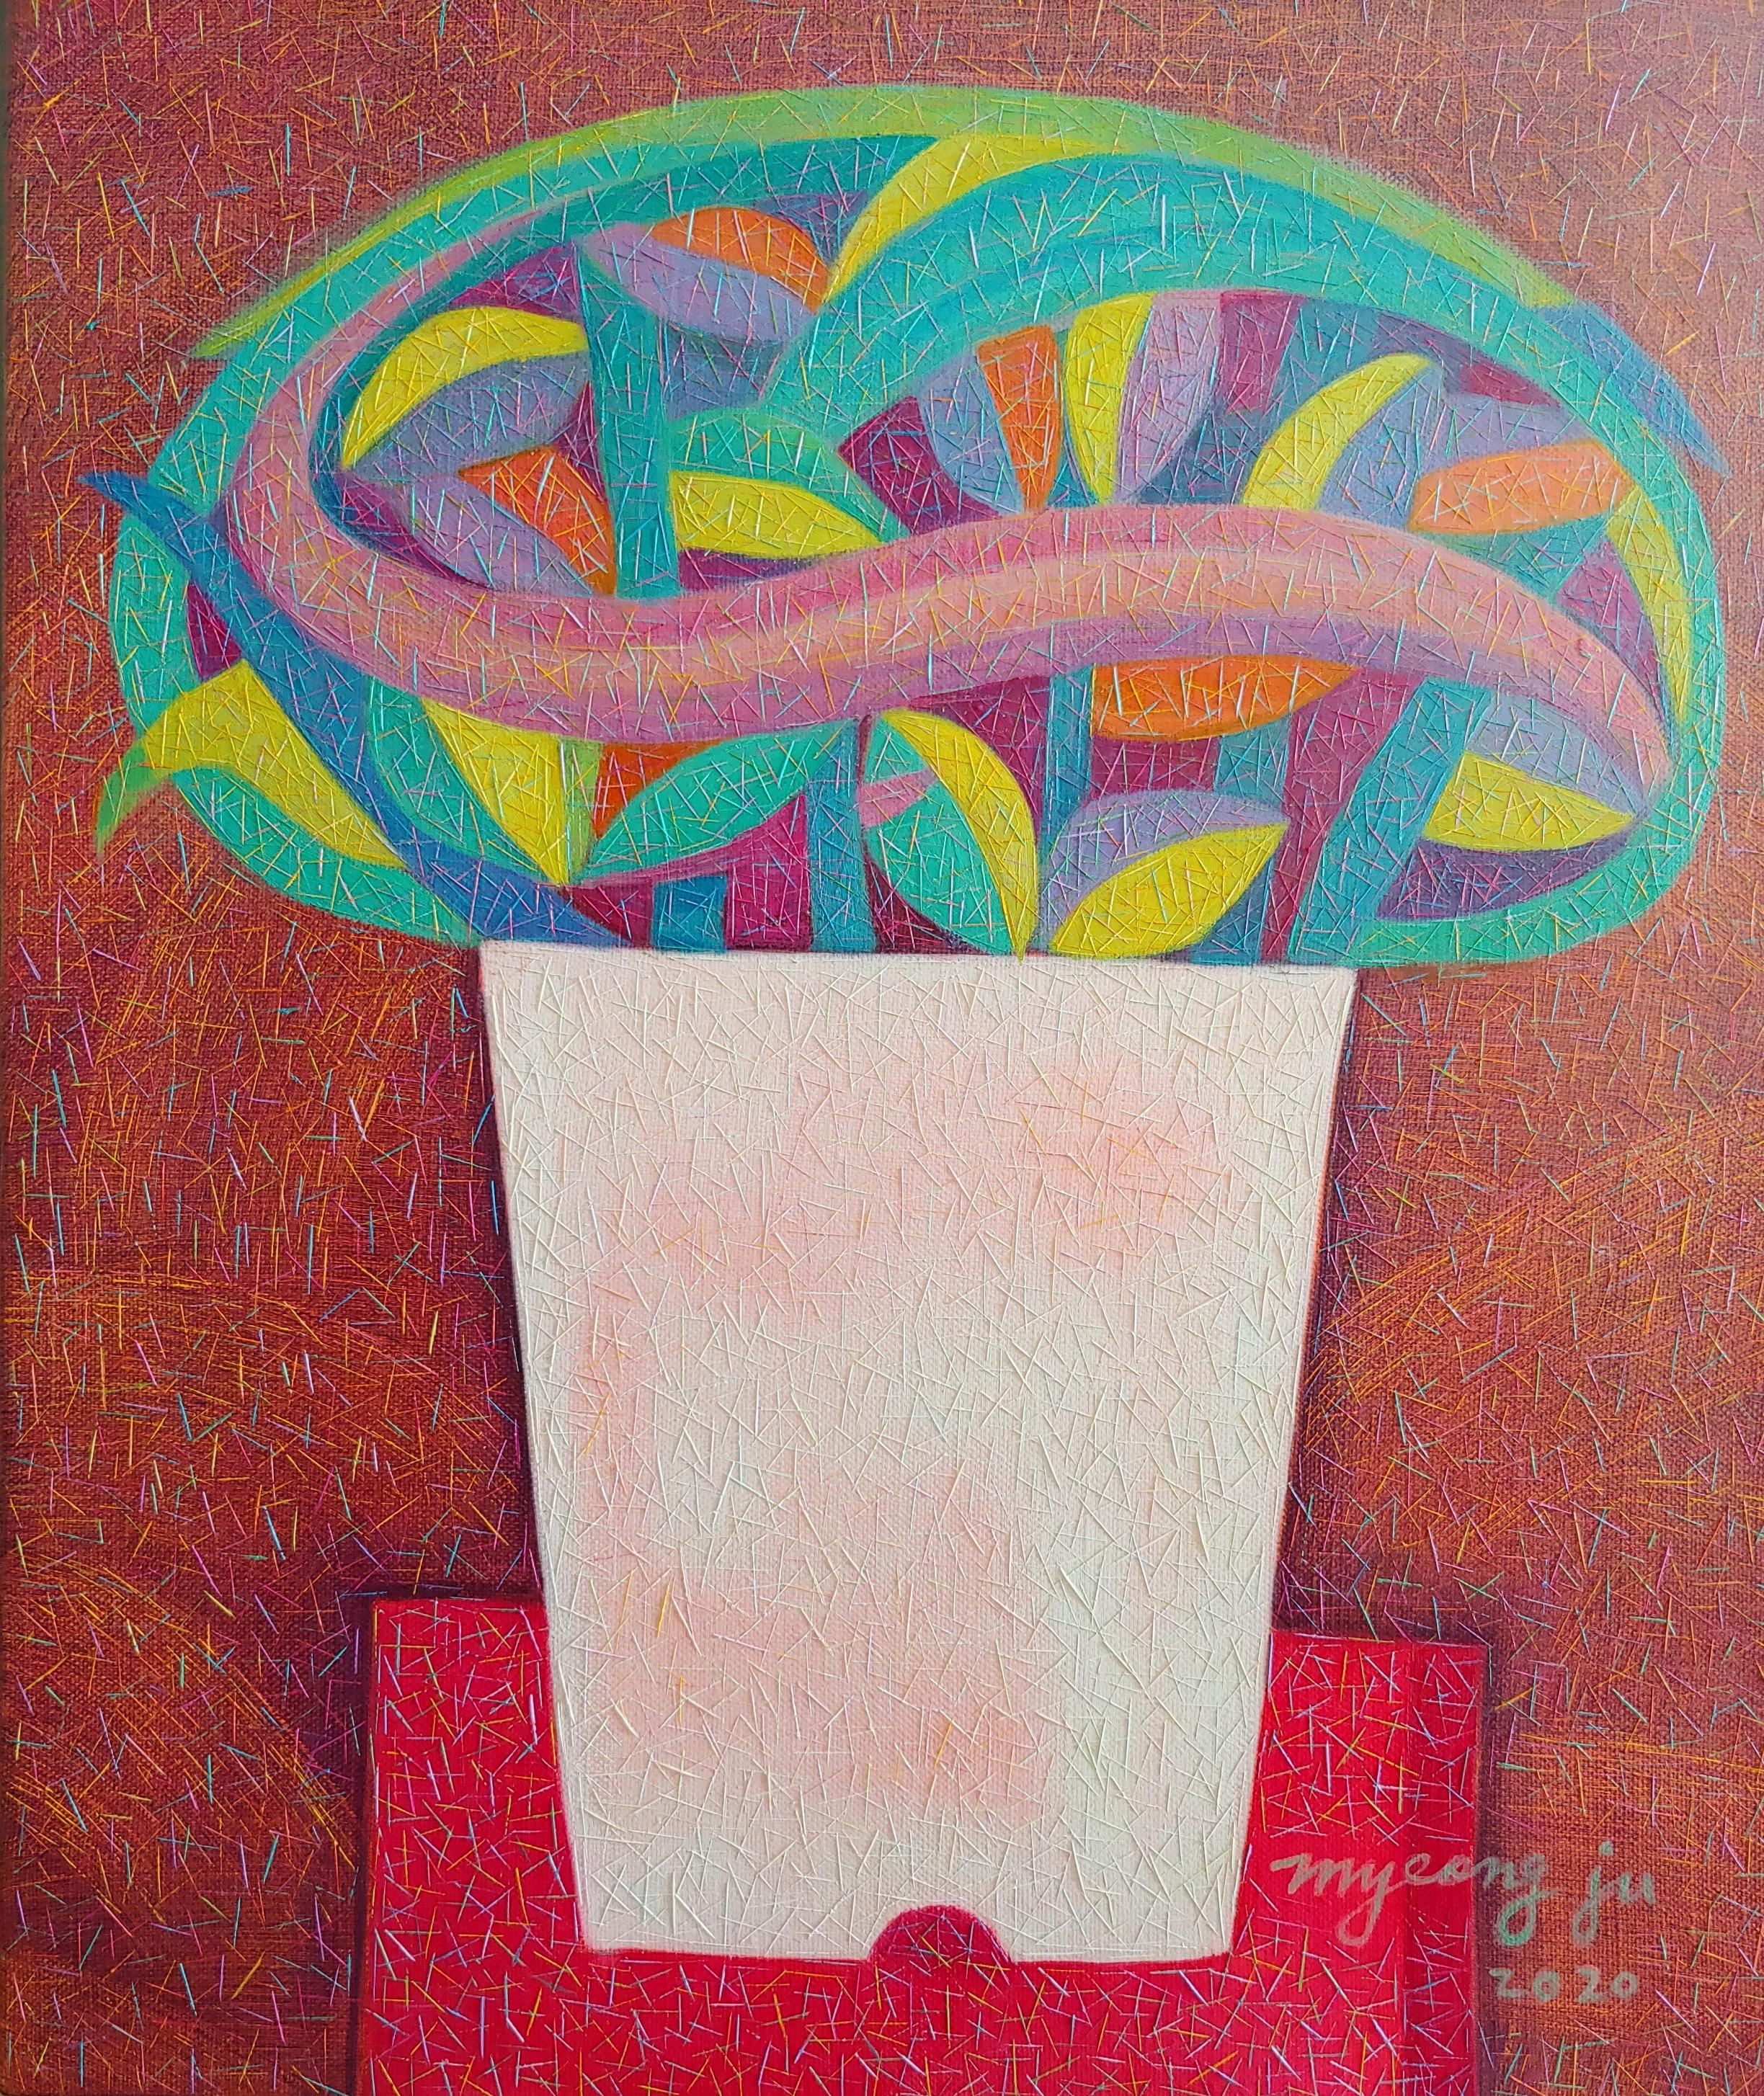 차명주3, 붉은 테이블 위 화분, 45.5 x 37